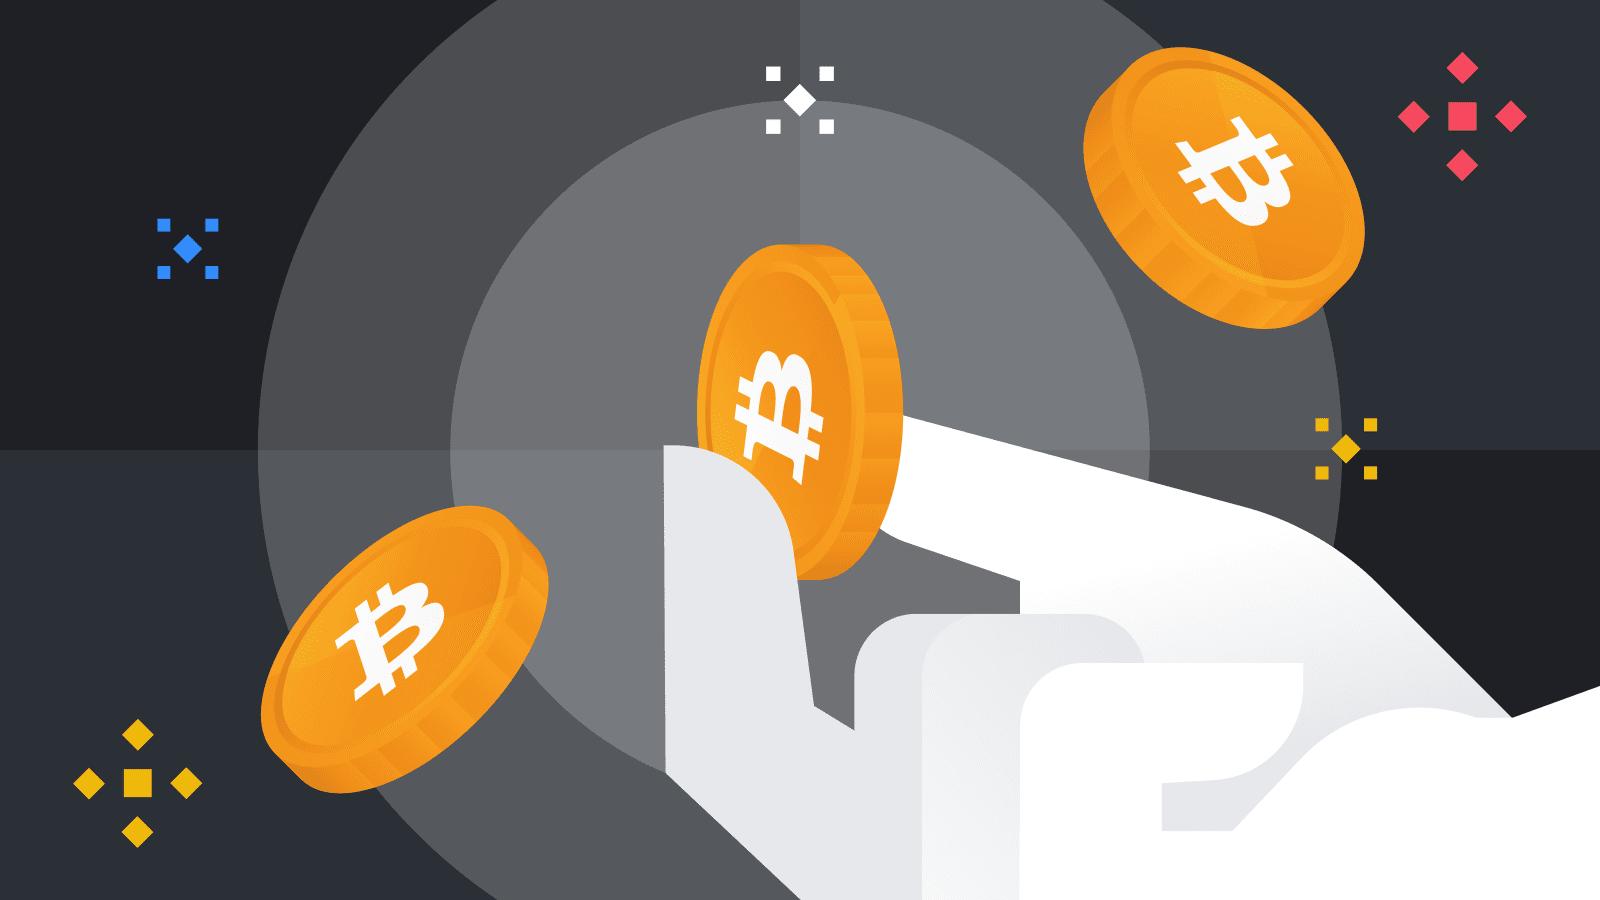 La corsa di Bitcoin sembra inarrestabile: superata quota $ - liceo-orazio.it